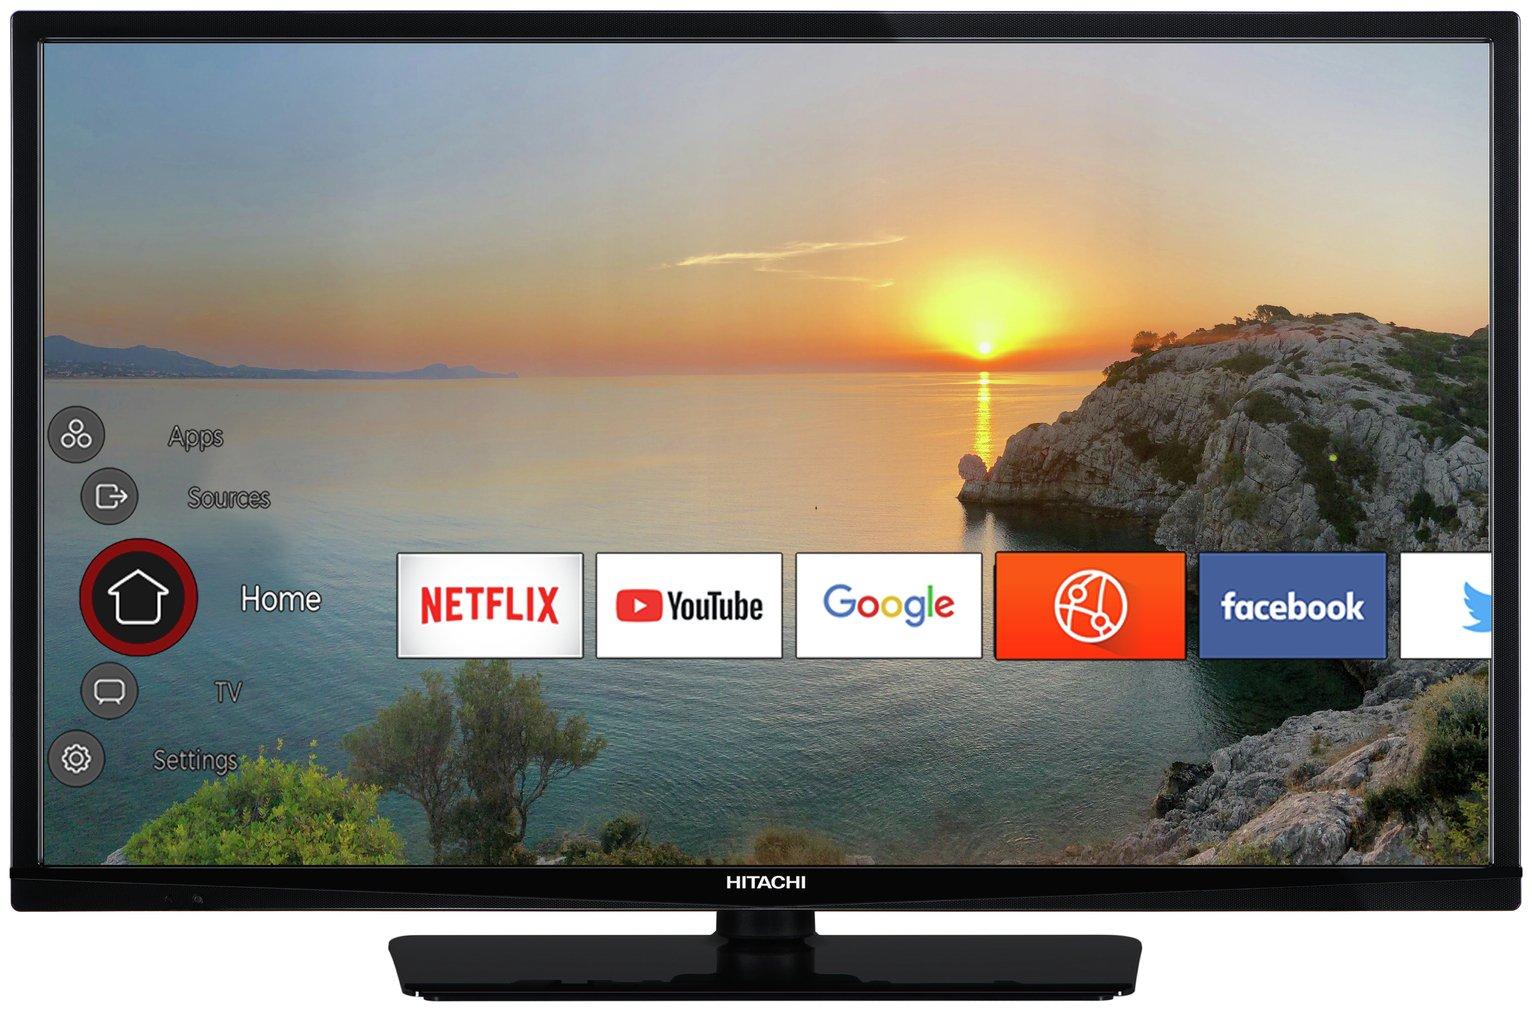 Hitachi 32 Inch 32HB26T61U Smart HD Ready  LED TV